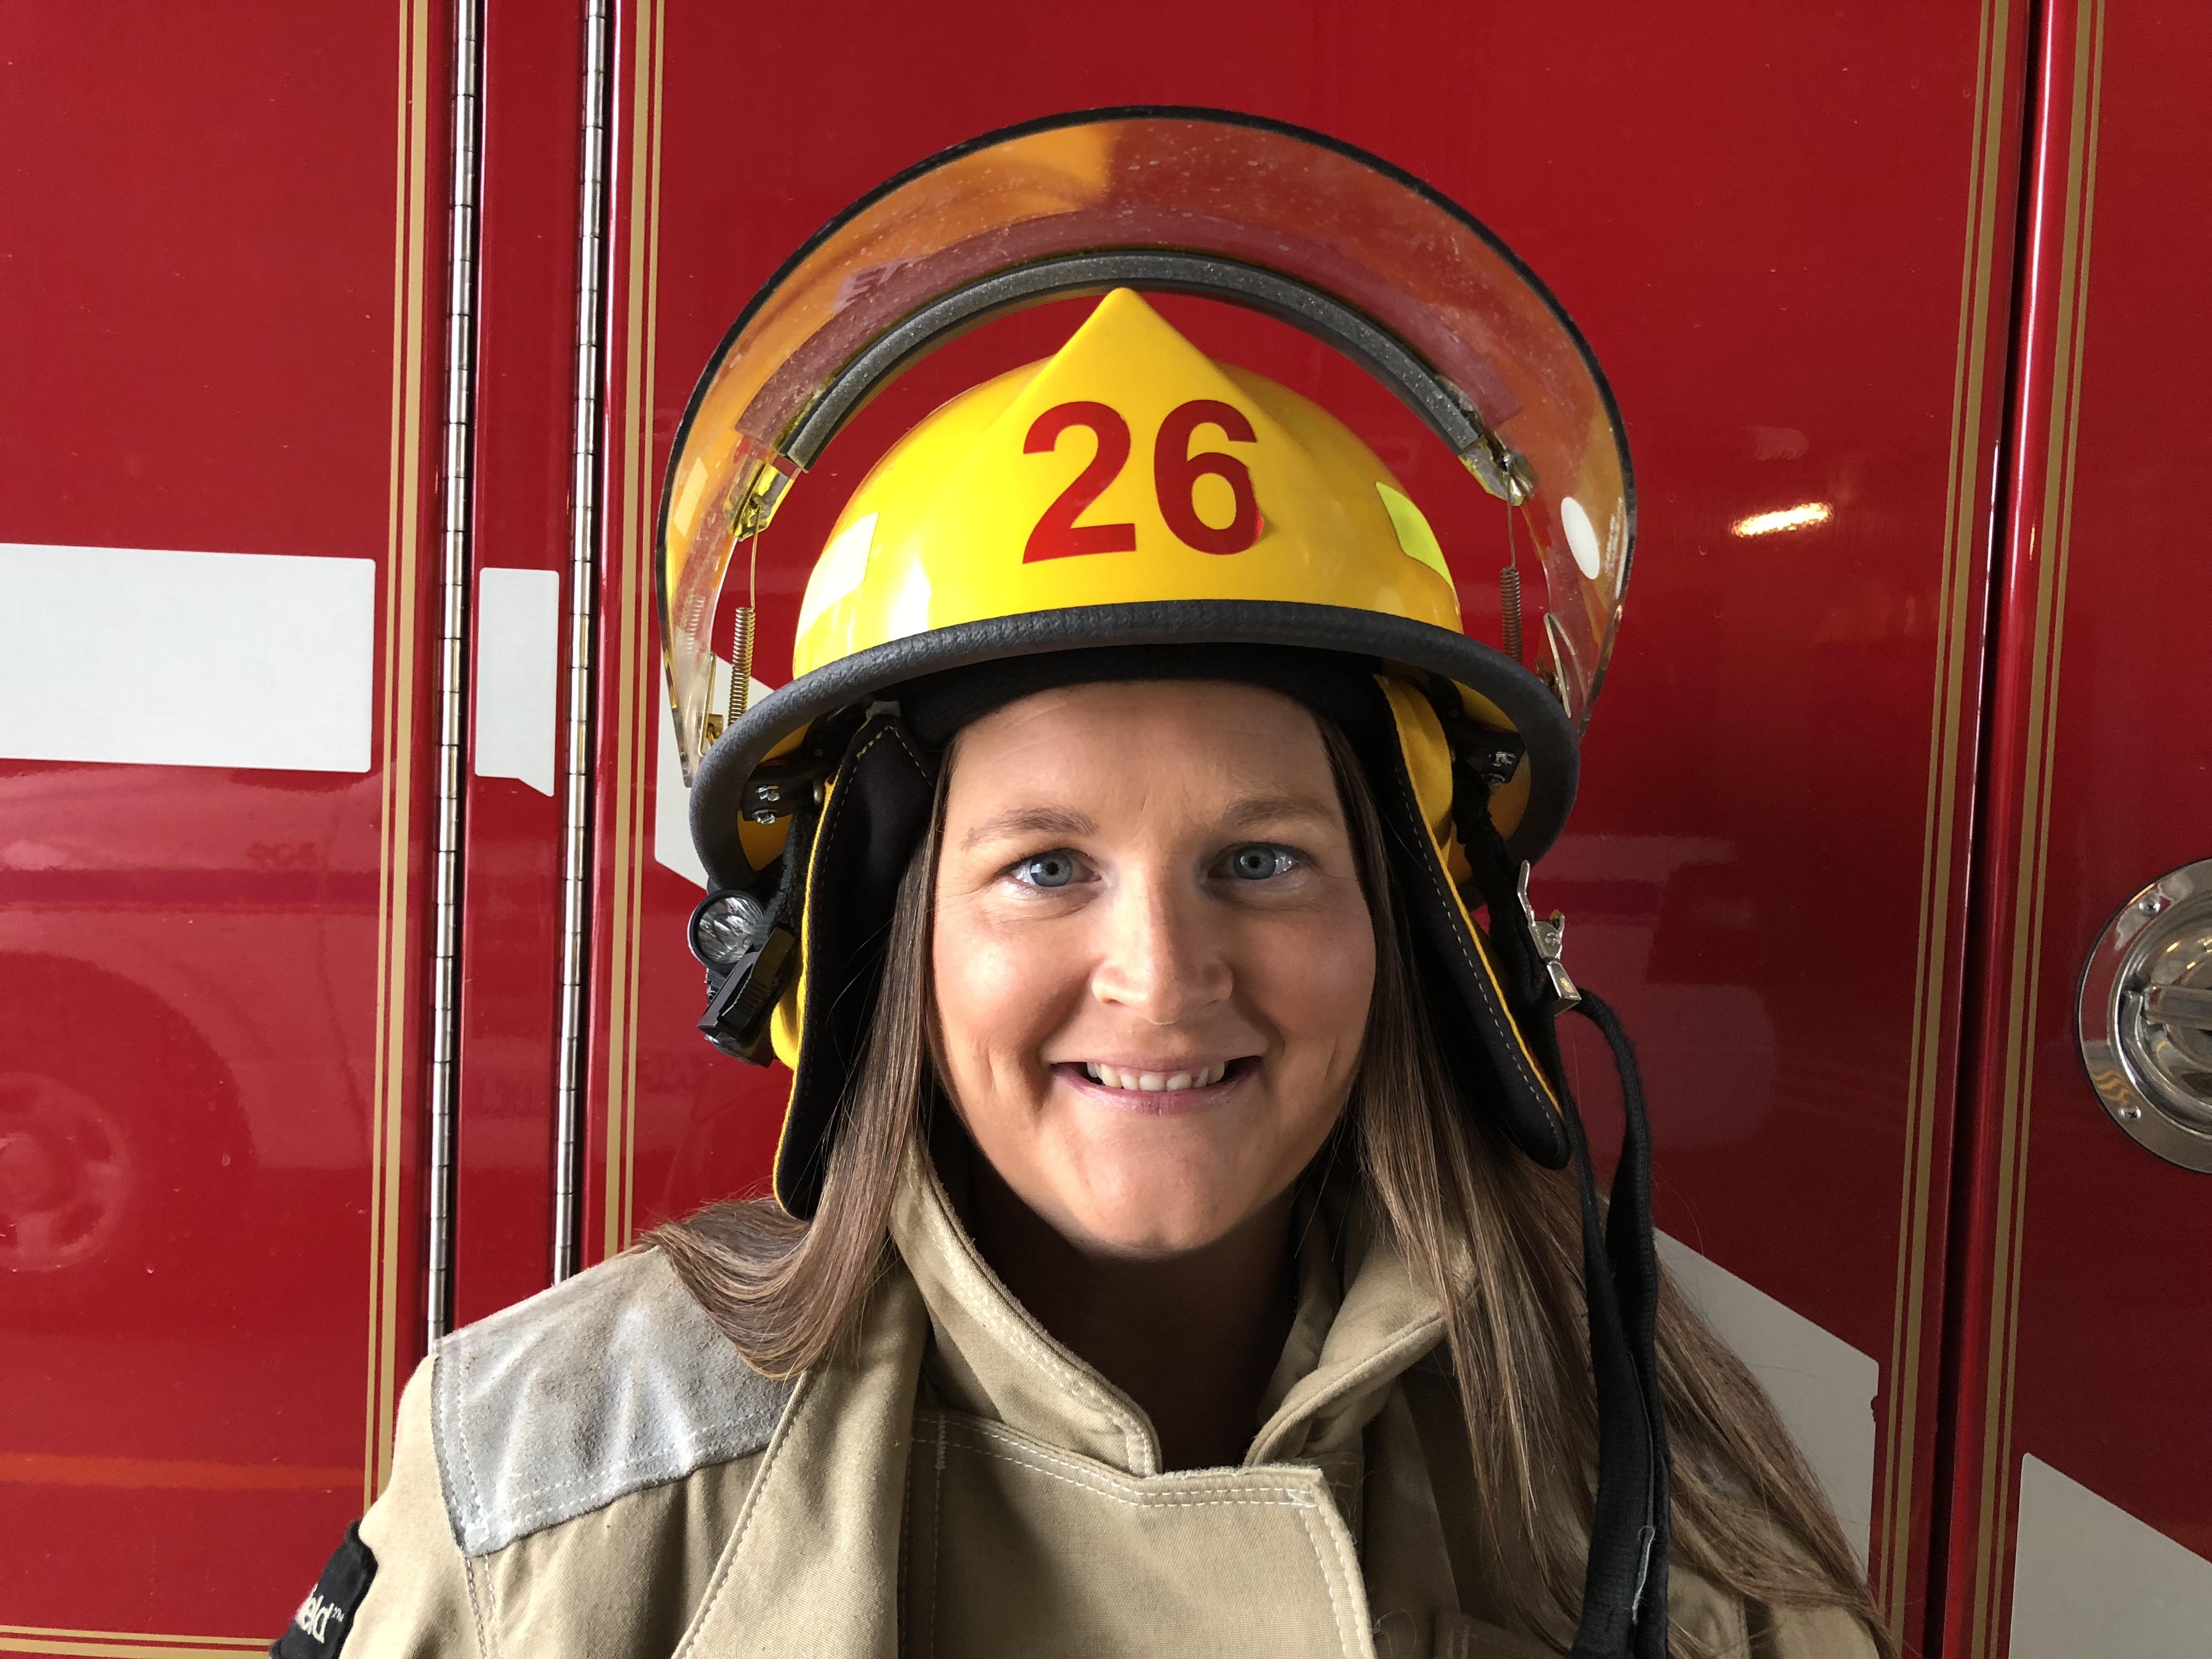 Firefighter 26